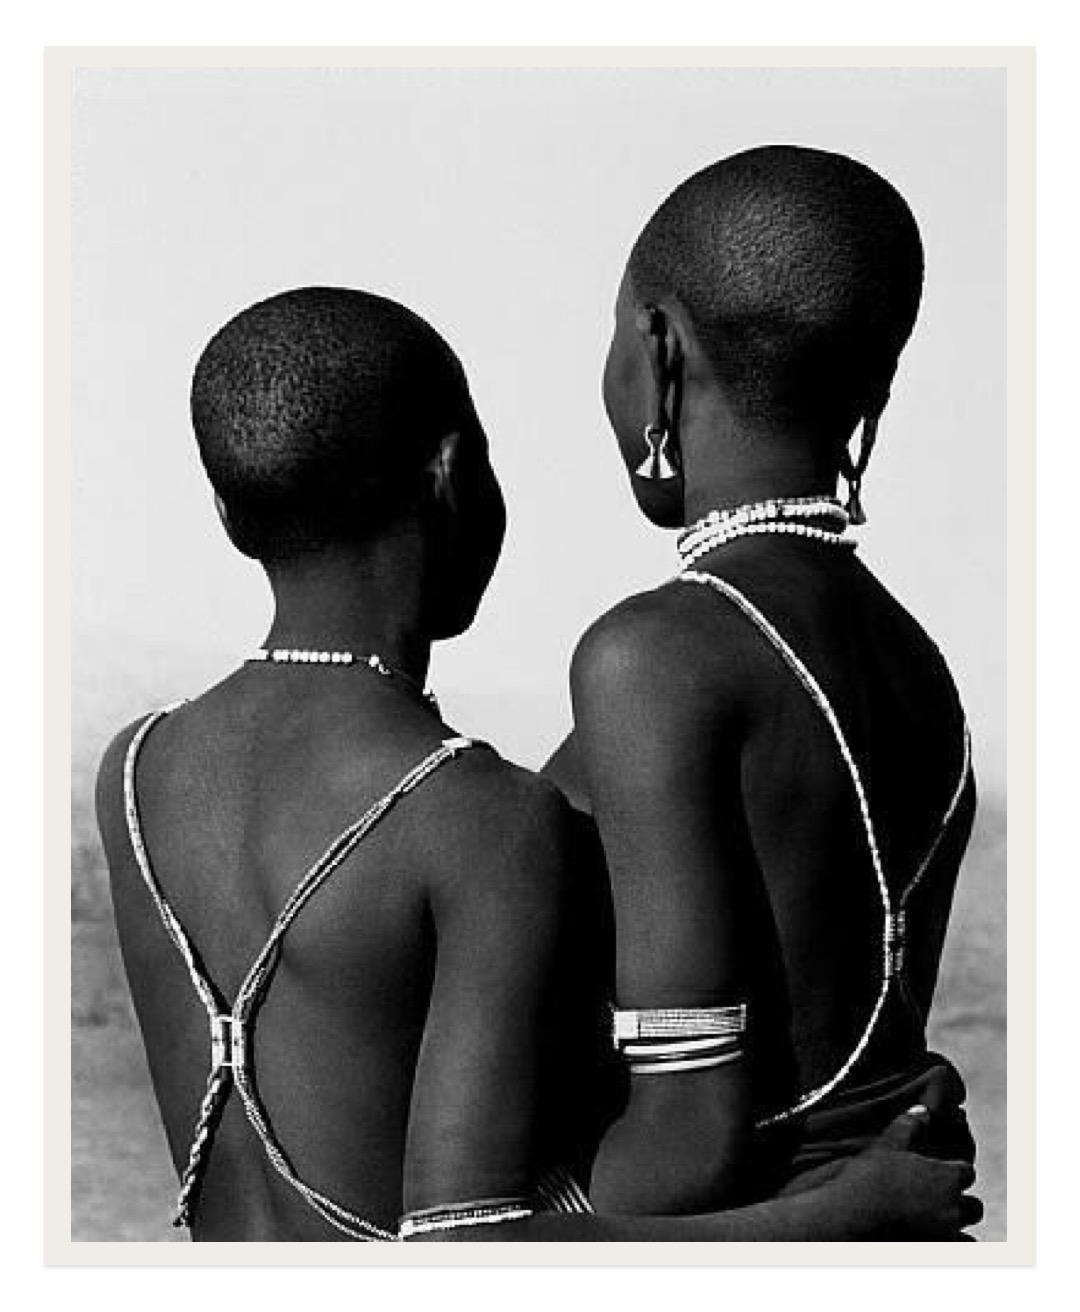 Nandoye & Nangini by Herb Ritts, 1993